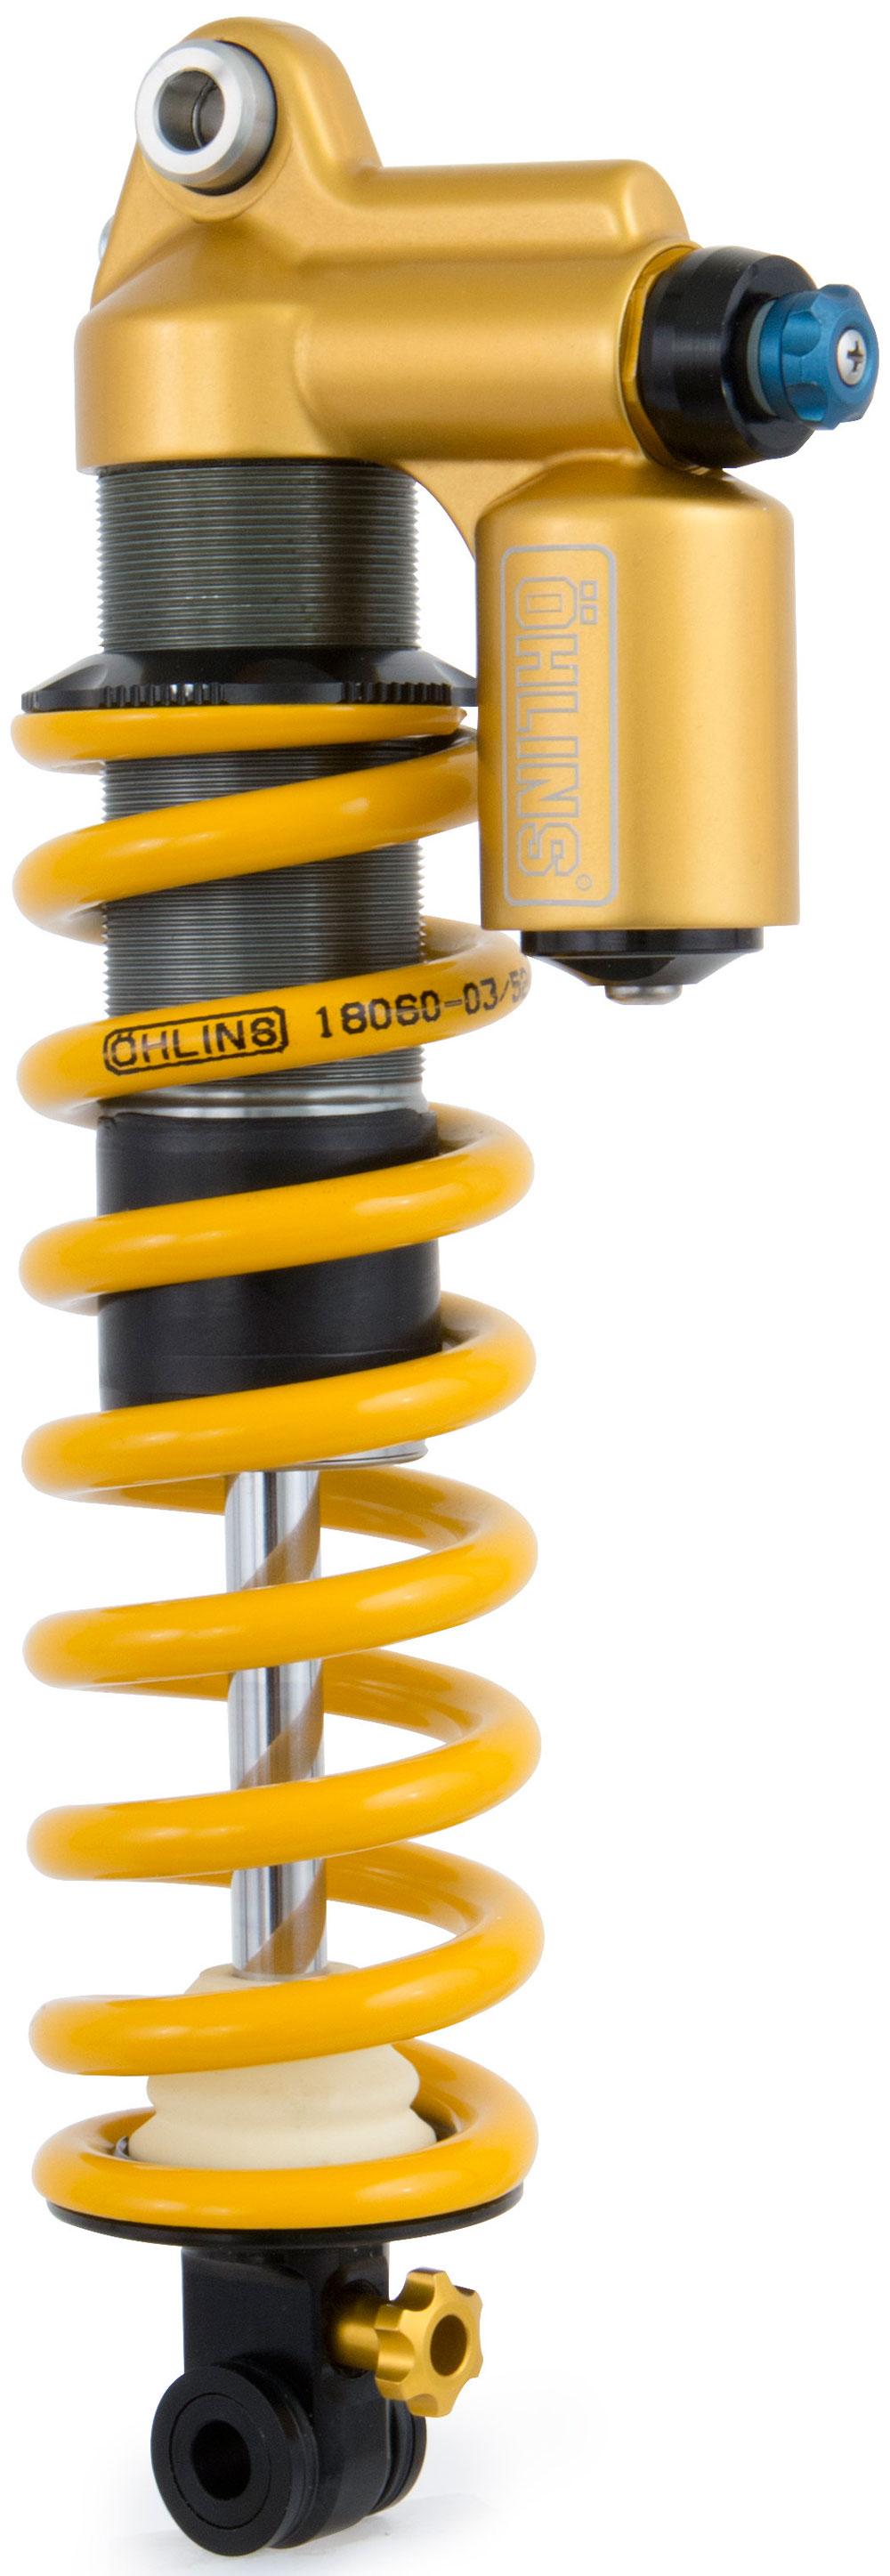 En TodoMountainBike: Öhlins TTX 22M, un amortiguador para llevar la suspensión de la bicicleta a otro nivel